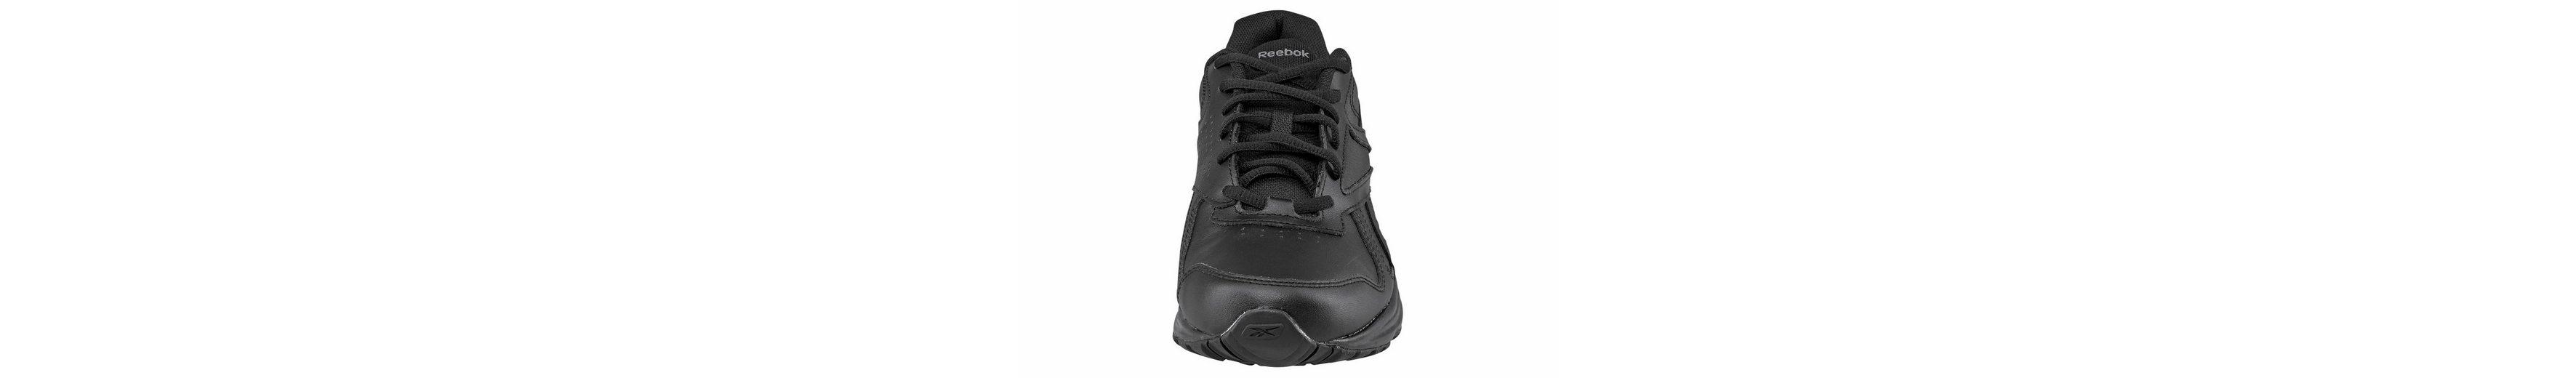 Reebok Walkingschuh Qualität Freies Verschiffen Erscheinungsdaten Verkauf Online Billig Verkauf Vorbestellung Günstigsten Online jp0pdLN55n